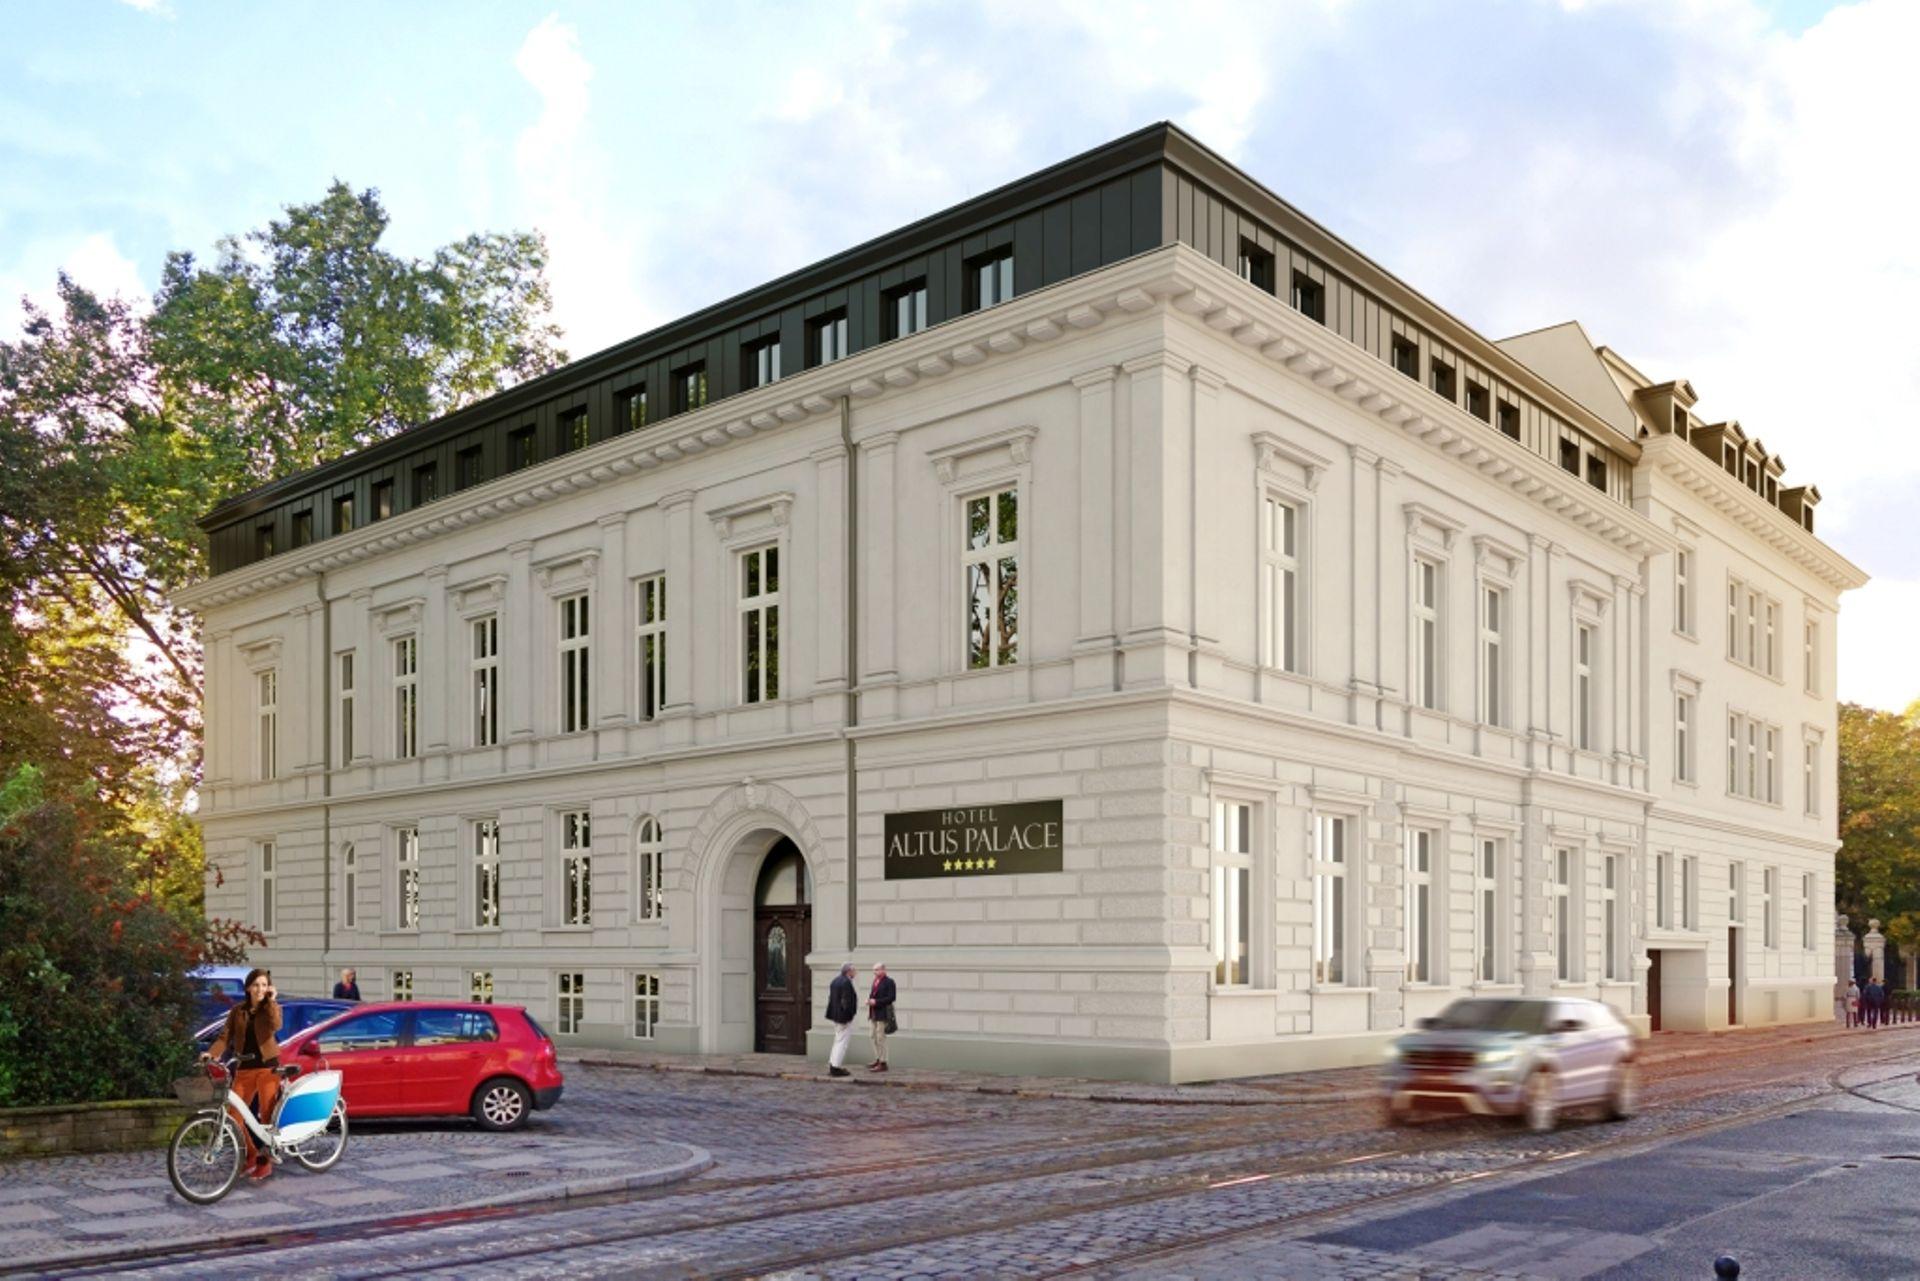 Wrocław: Zabytkowy Pałac Leipzigera zamieni się w pięciogwiazdkowy hotel Altus Palace [FILM + ZDJĘCIA]